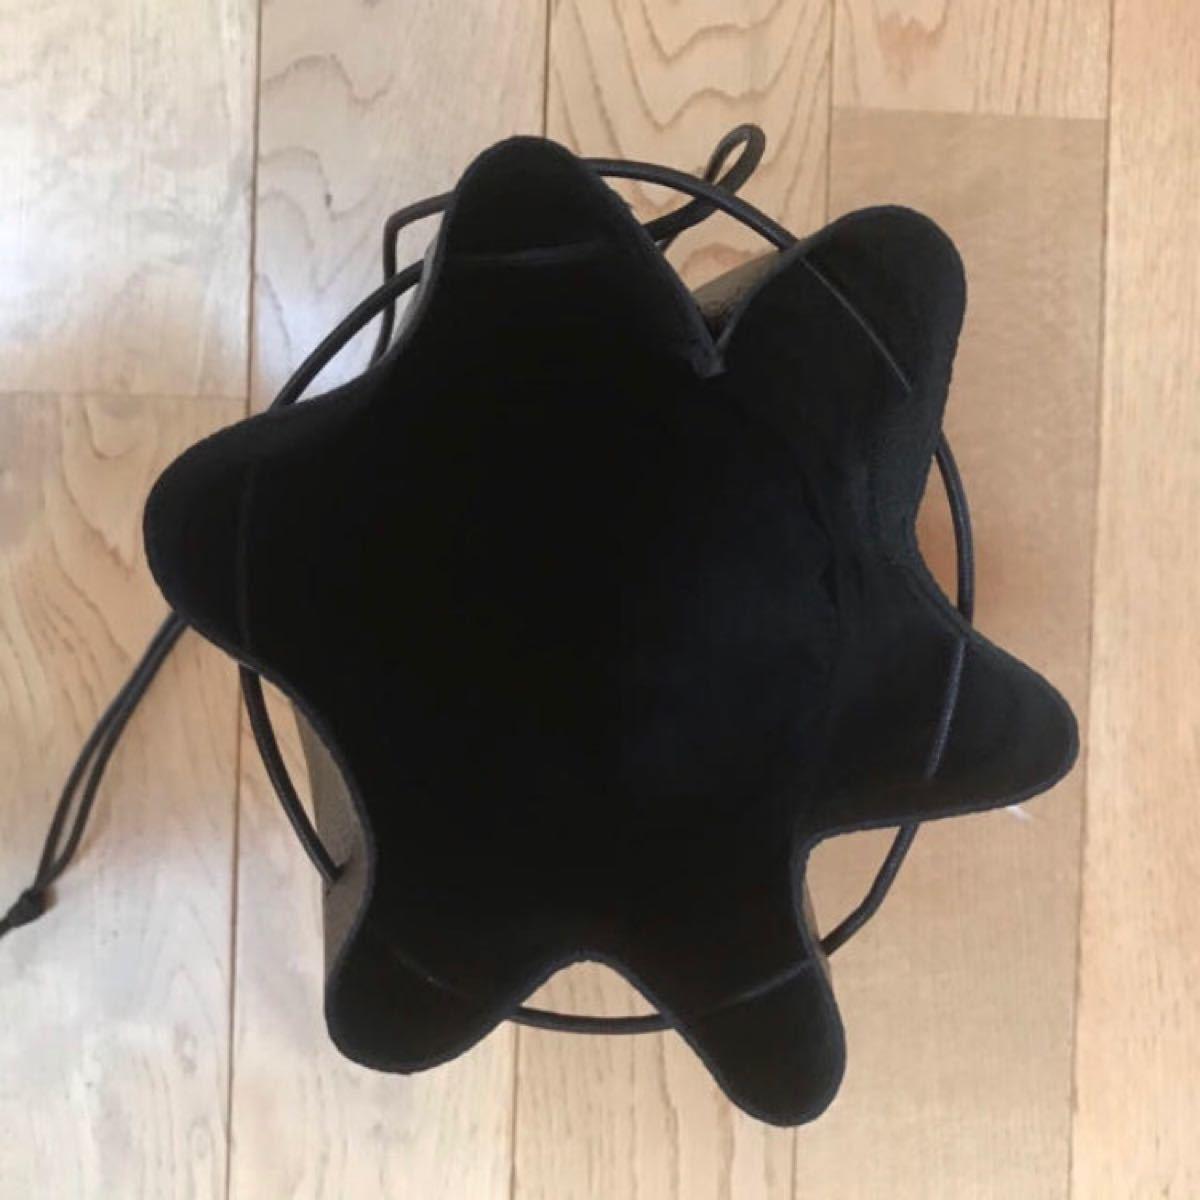 ハンドメイド 本革レザー人気2way巾着バッグ